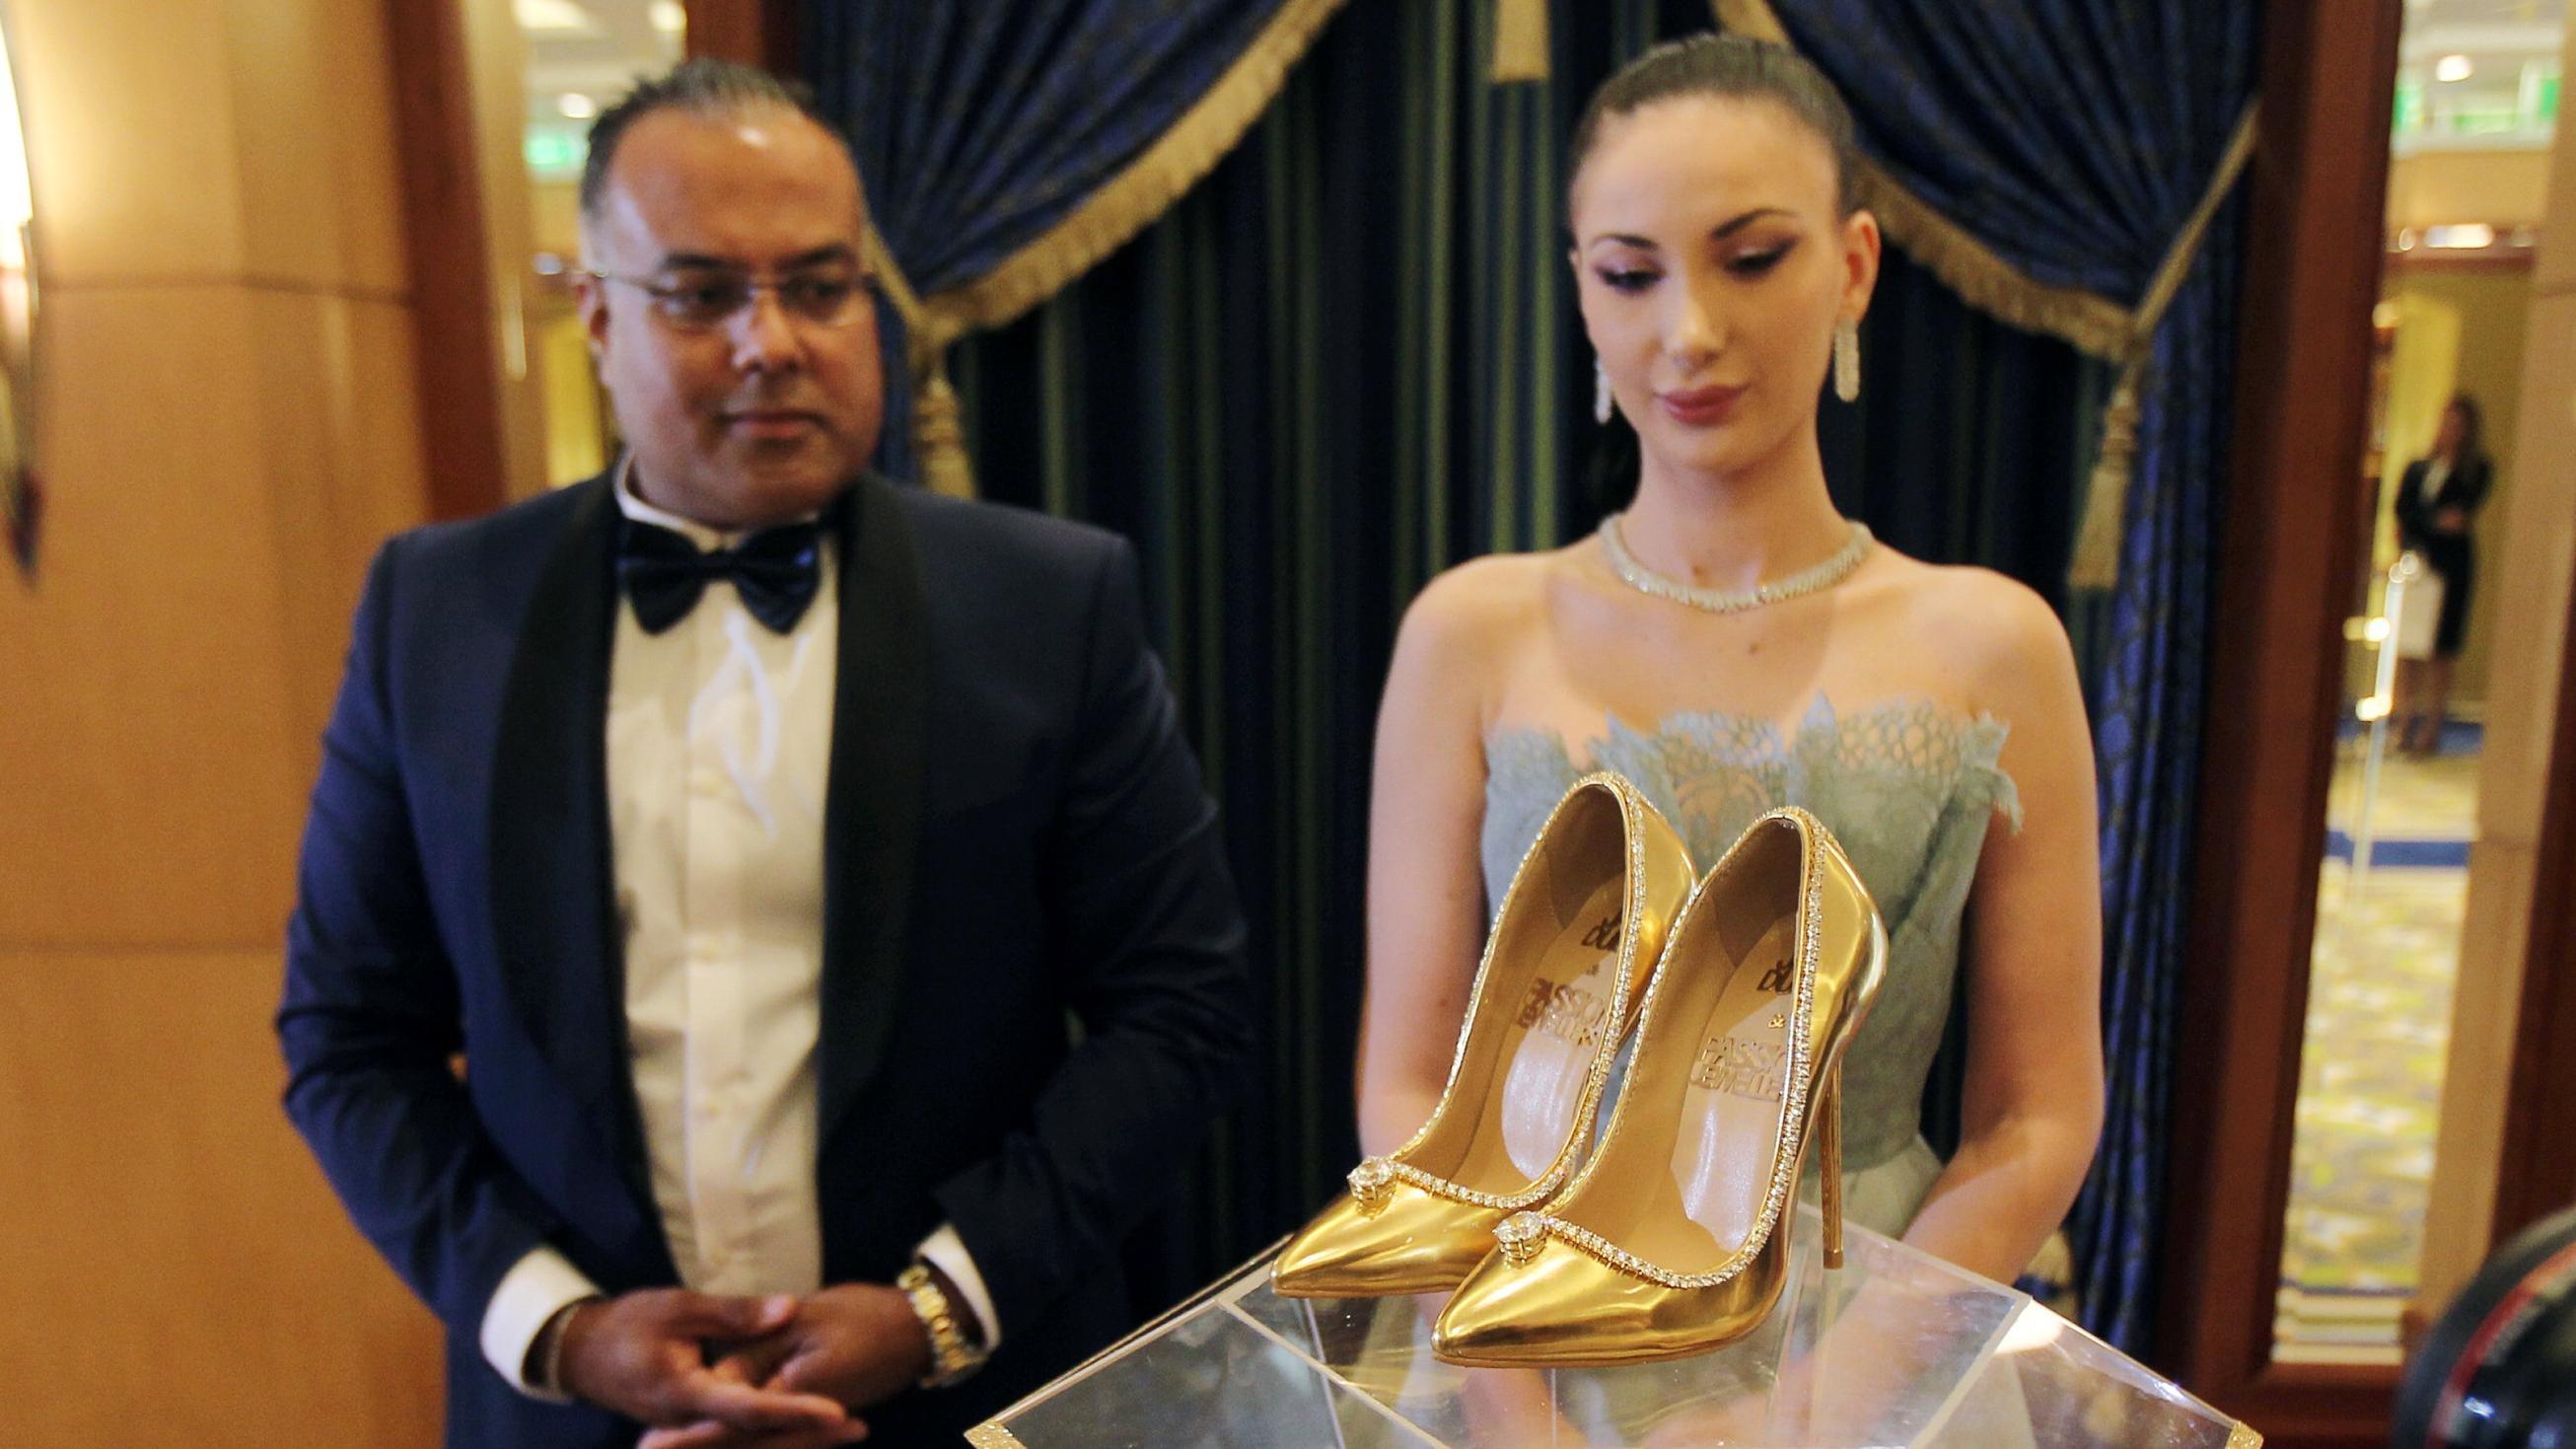 65d6fc183 مجلة زهرة السوسن - صور أغلى حذاء في العالم: يبلغ ثمنه 17 مليون دولار ...